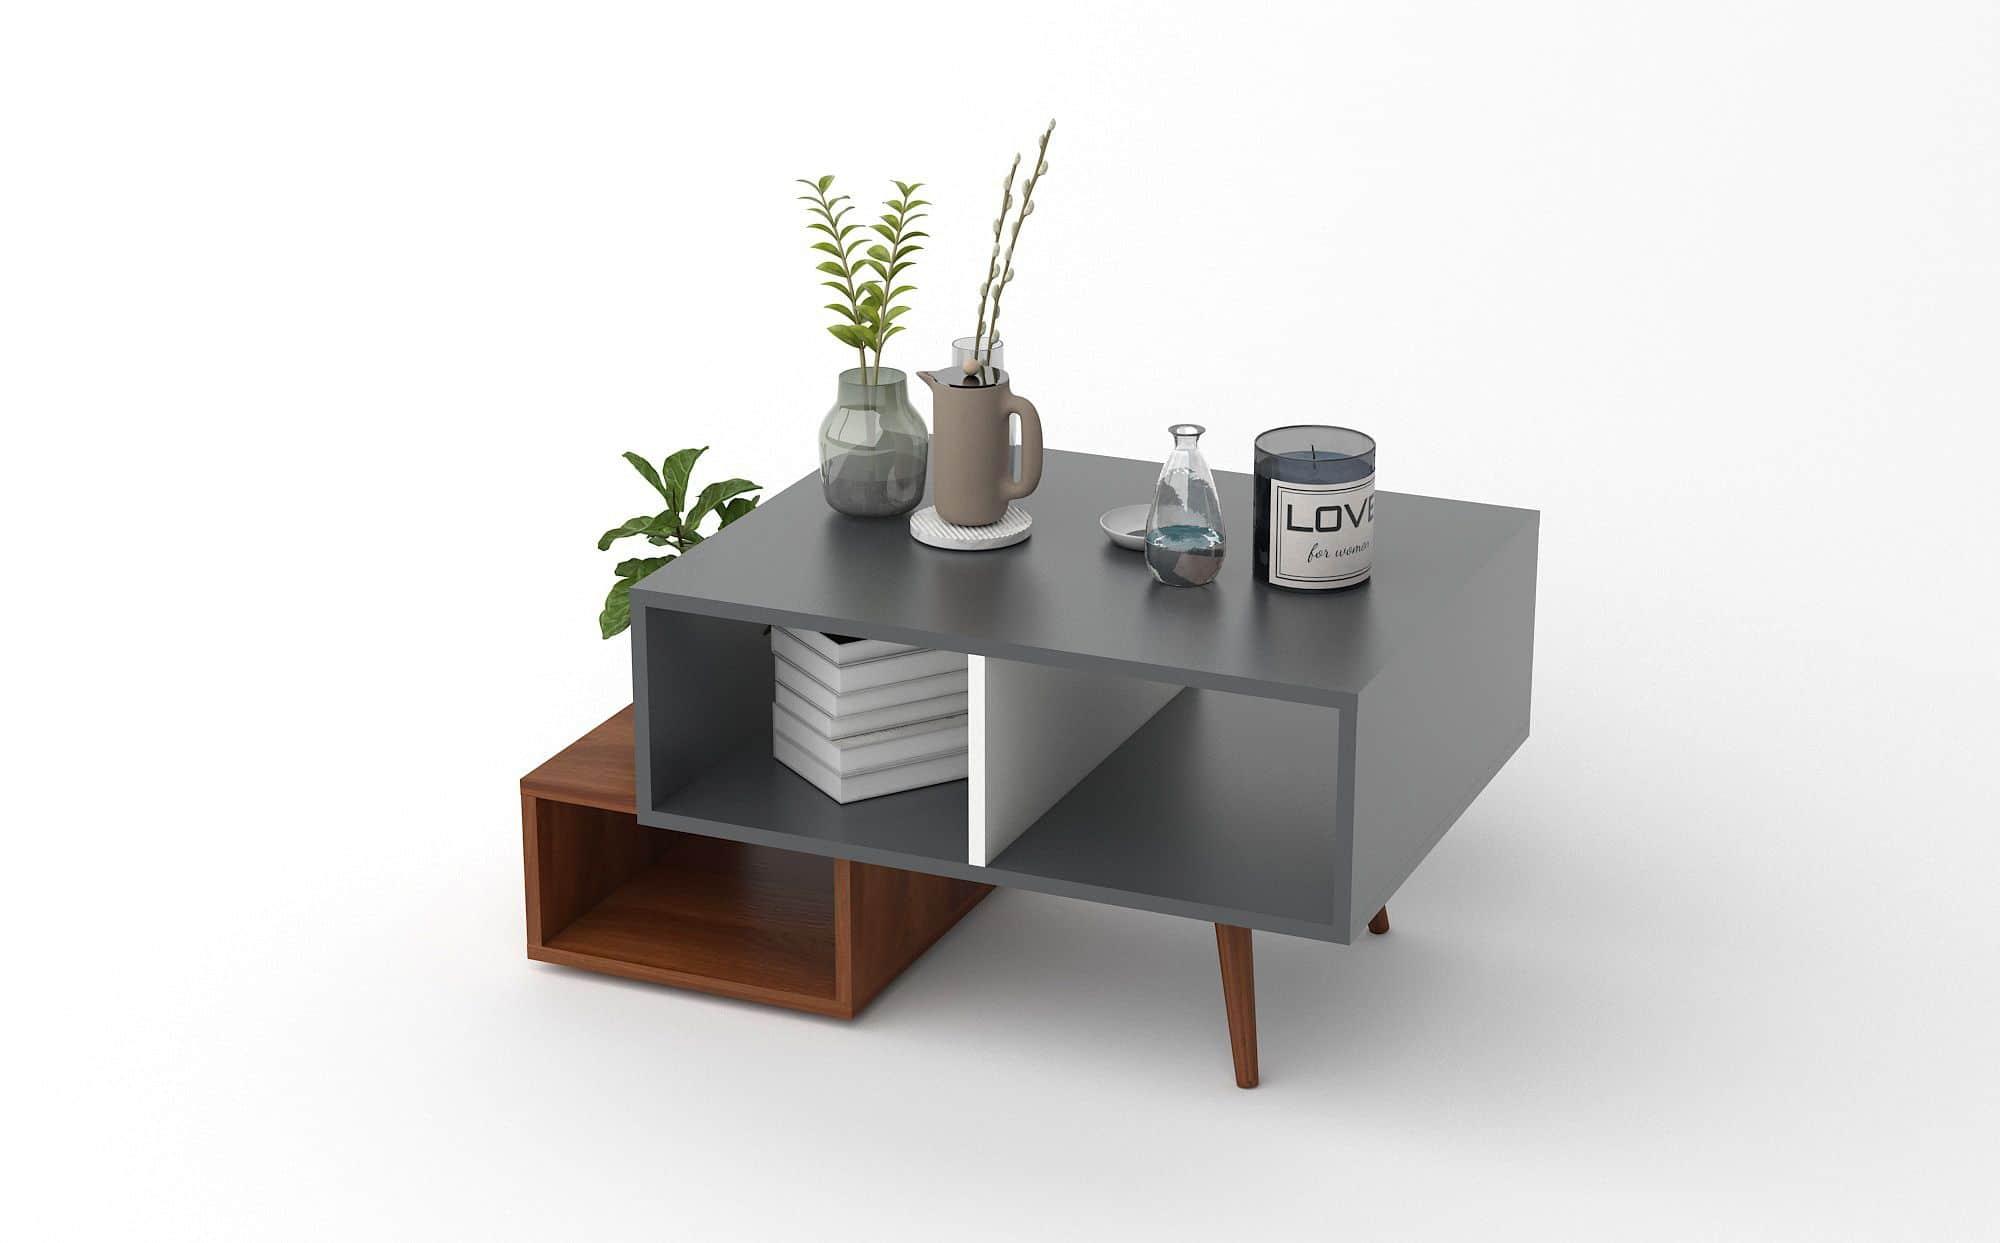 bàn trà gỗ btg-32 kho nội thất sài gòn